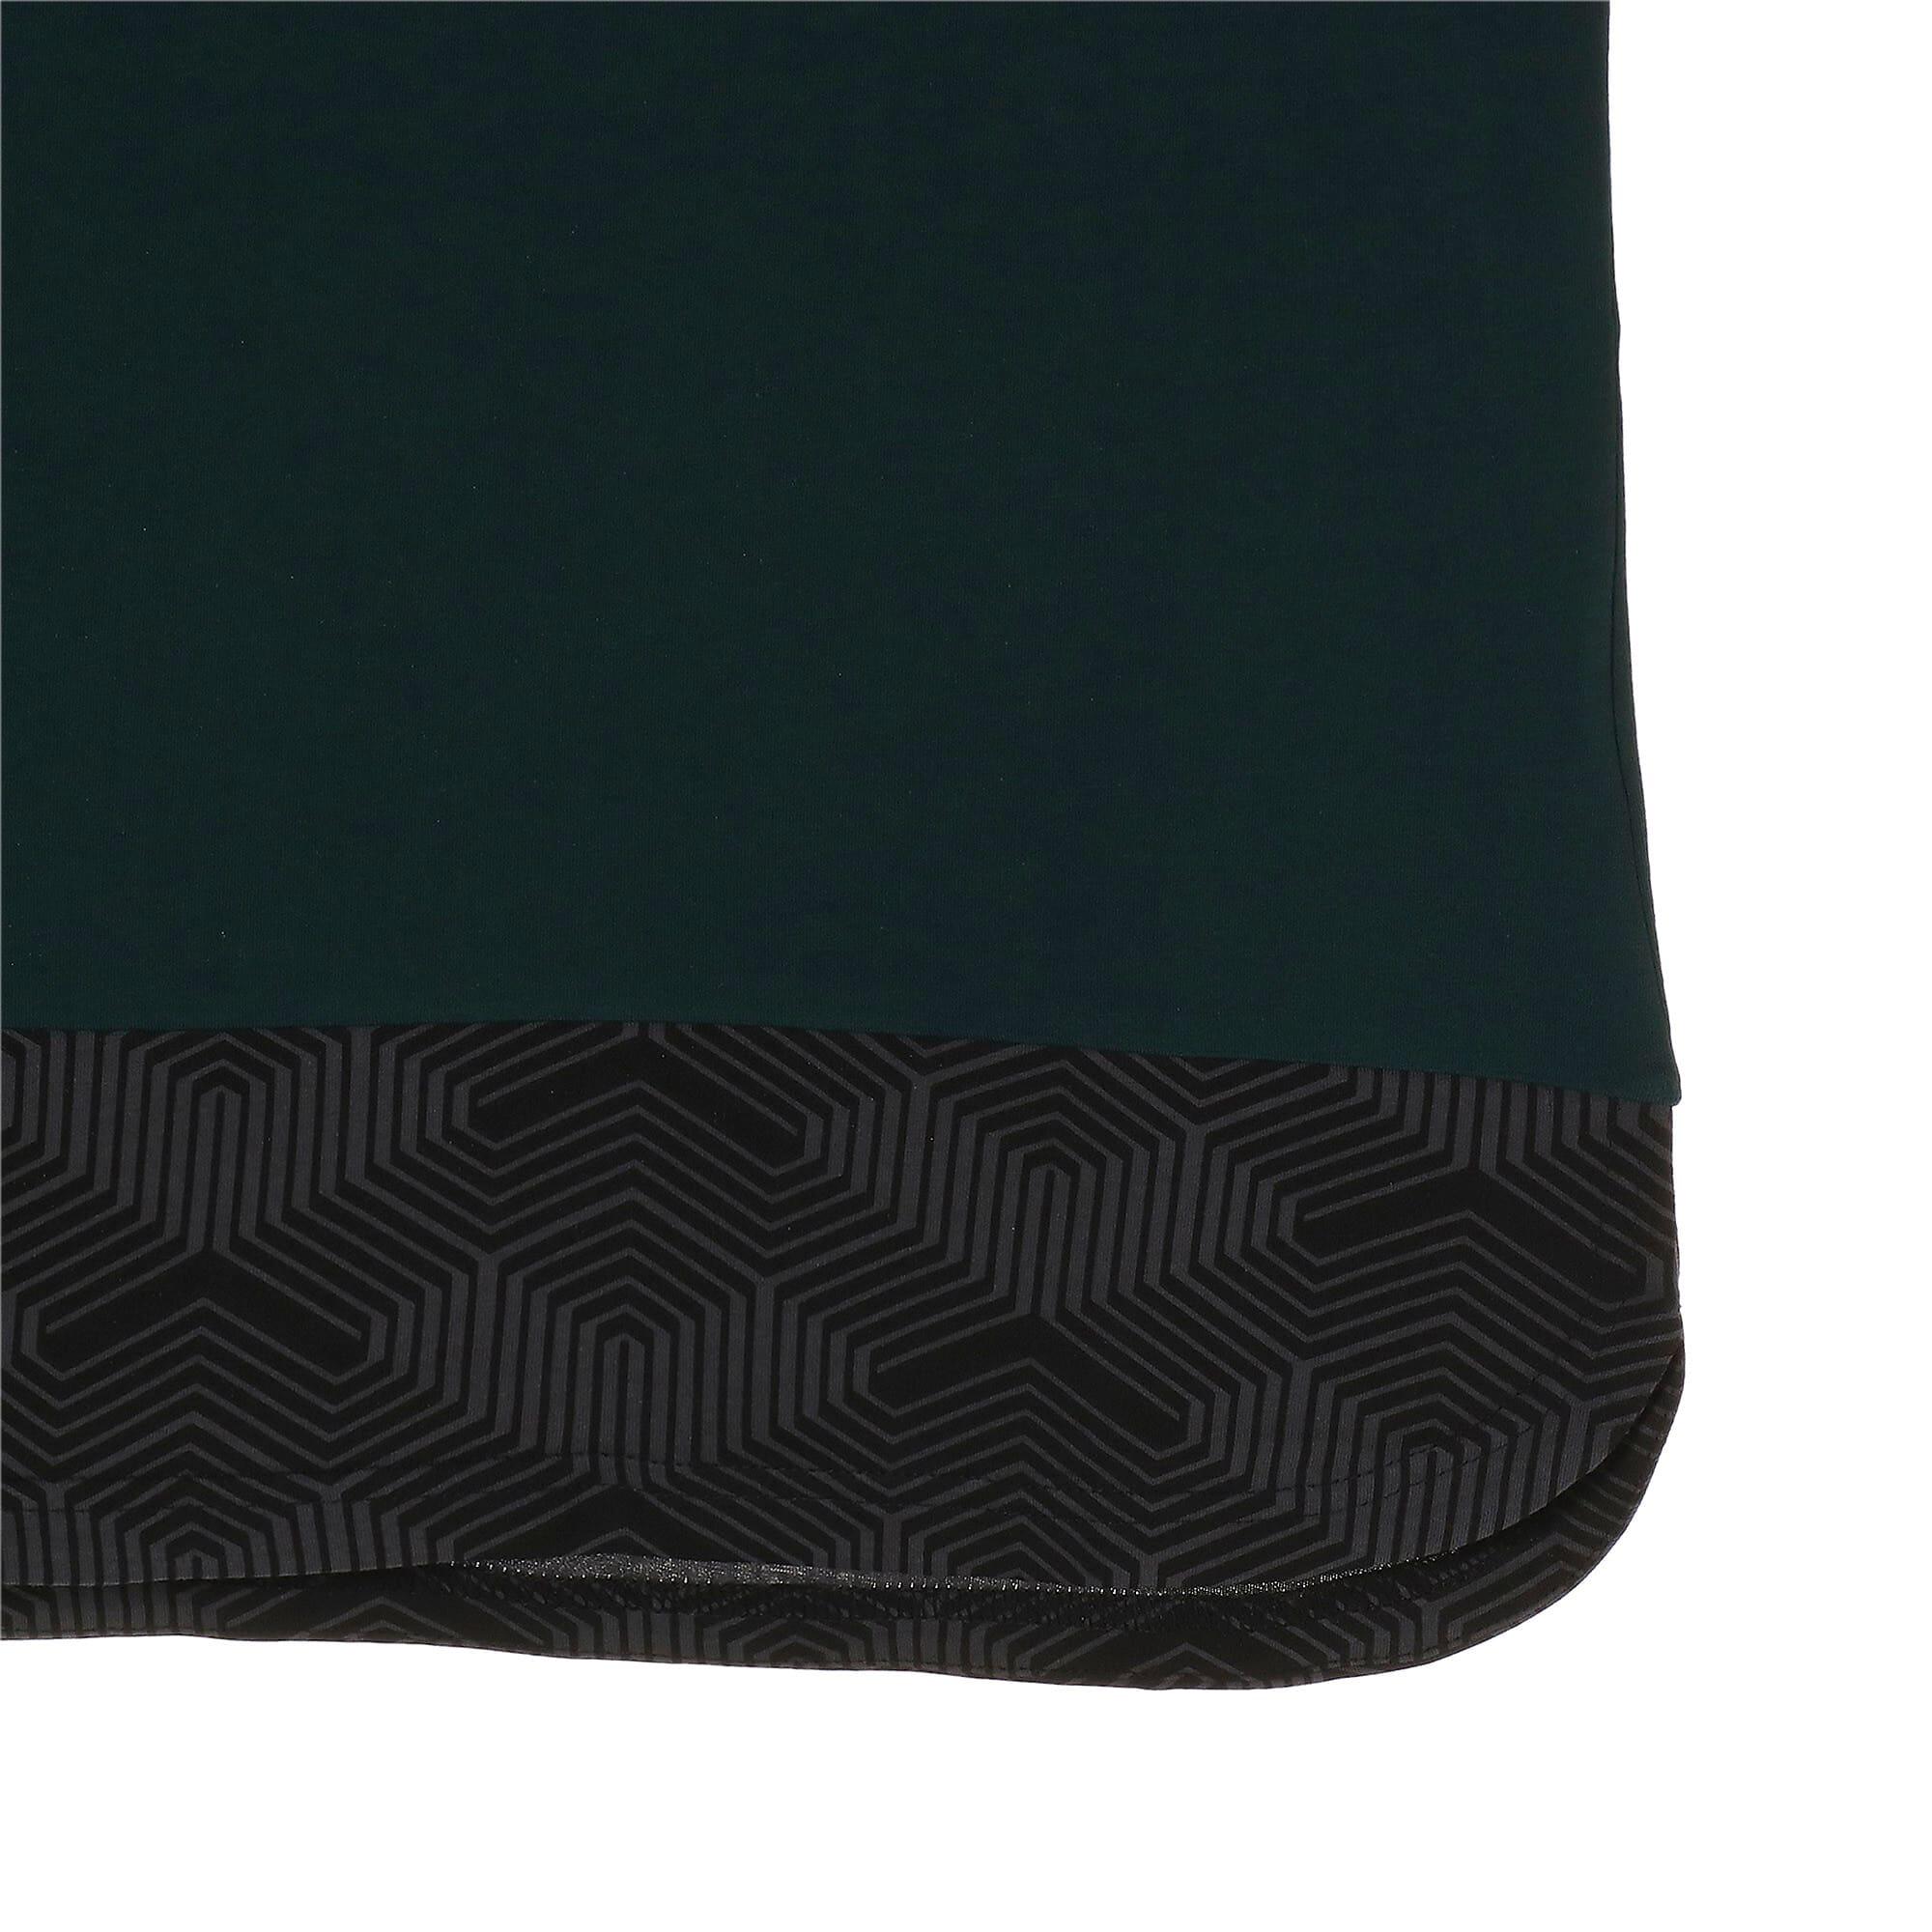 Thumbnail 6 of FIGC イタリア カジュアル Tシャツ 半袖, Ponderosa Pine-Peacoat, medium-JPN